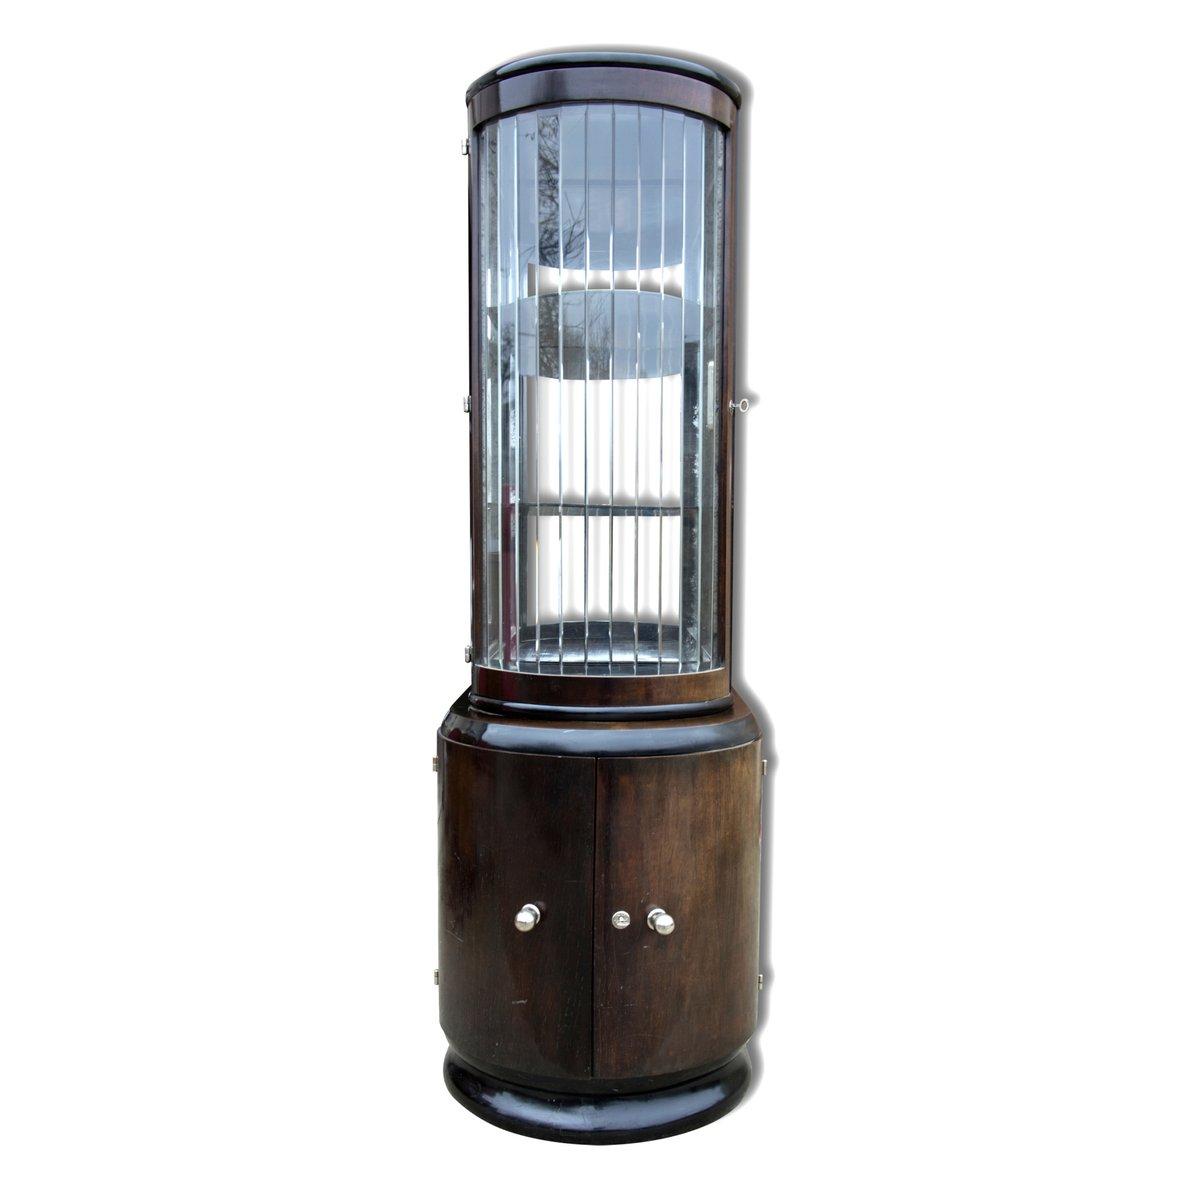 meuble de rangement pour boissons art d co en placage de noyer 1930s en vente sur pamono. Black Bedroom Furniture Sets. Home Design Ideas